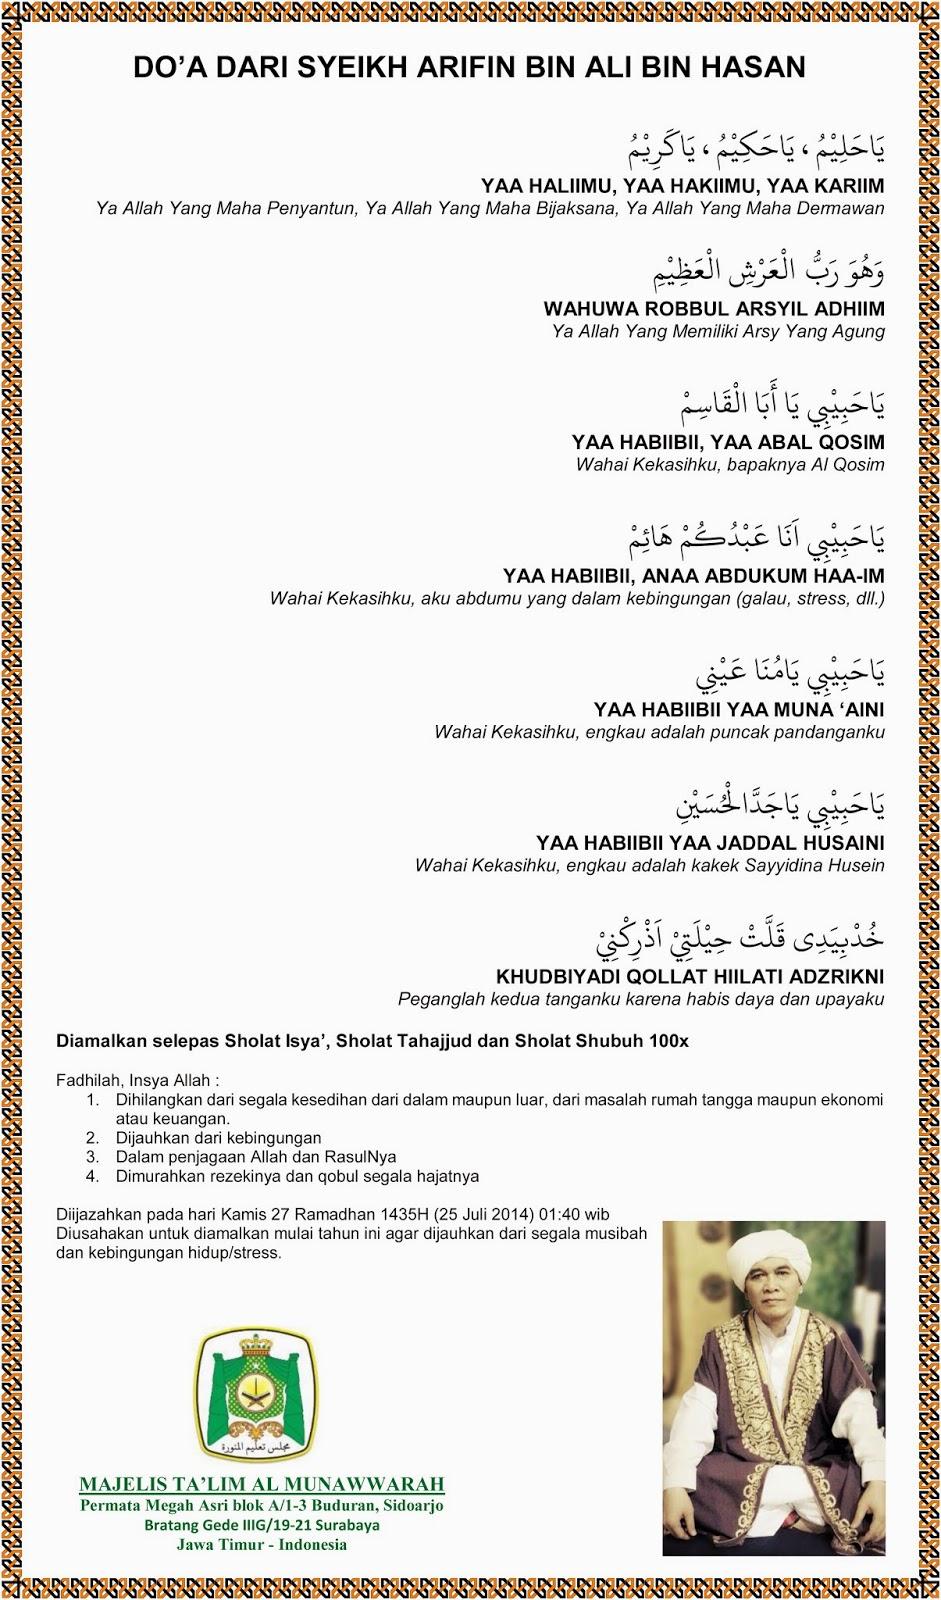 Doa Dari Syeikh Arifin Bin Ali Bin Hasan Majelis Talim Almunawwarah